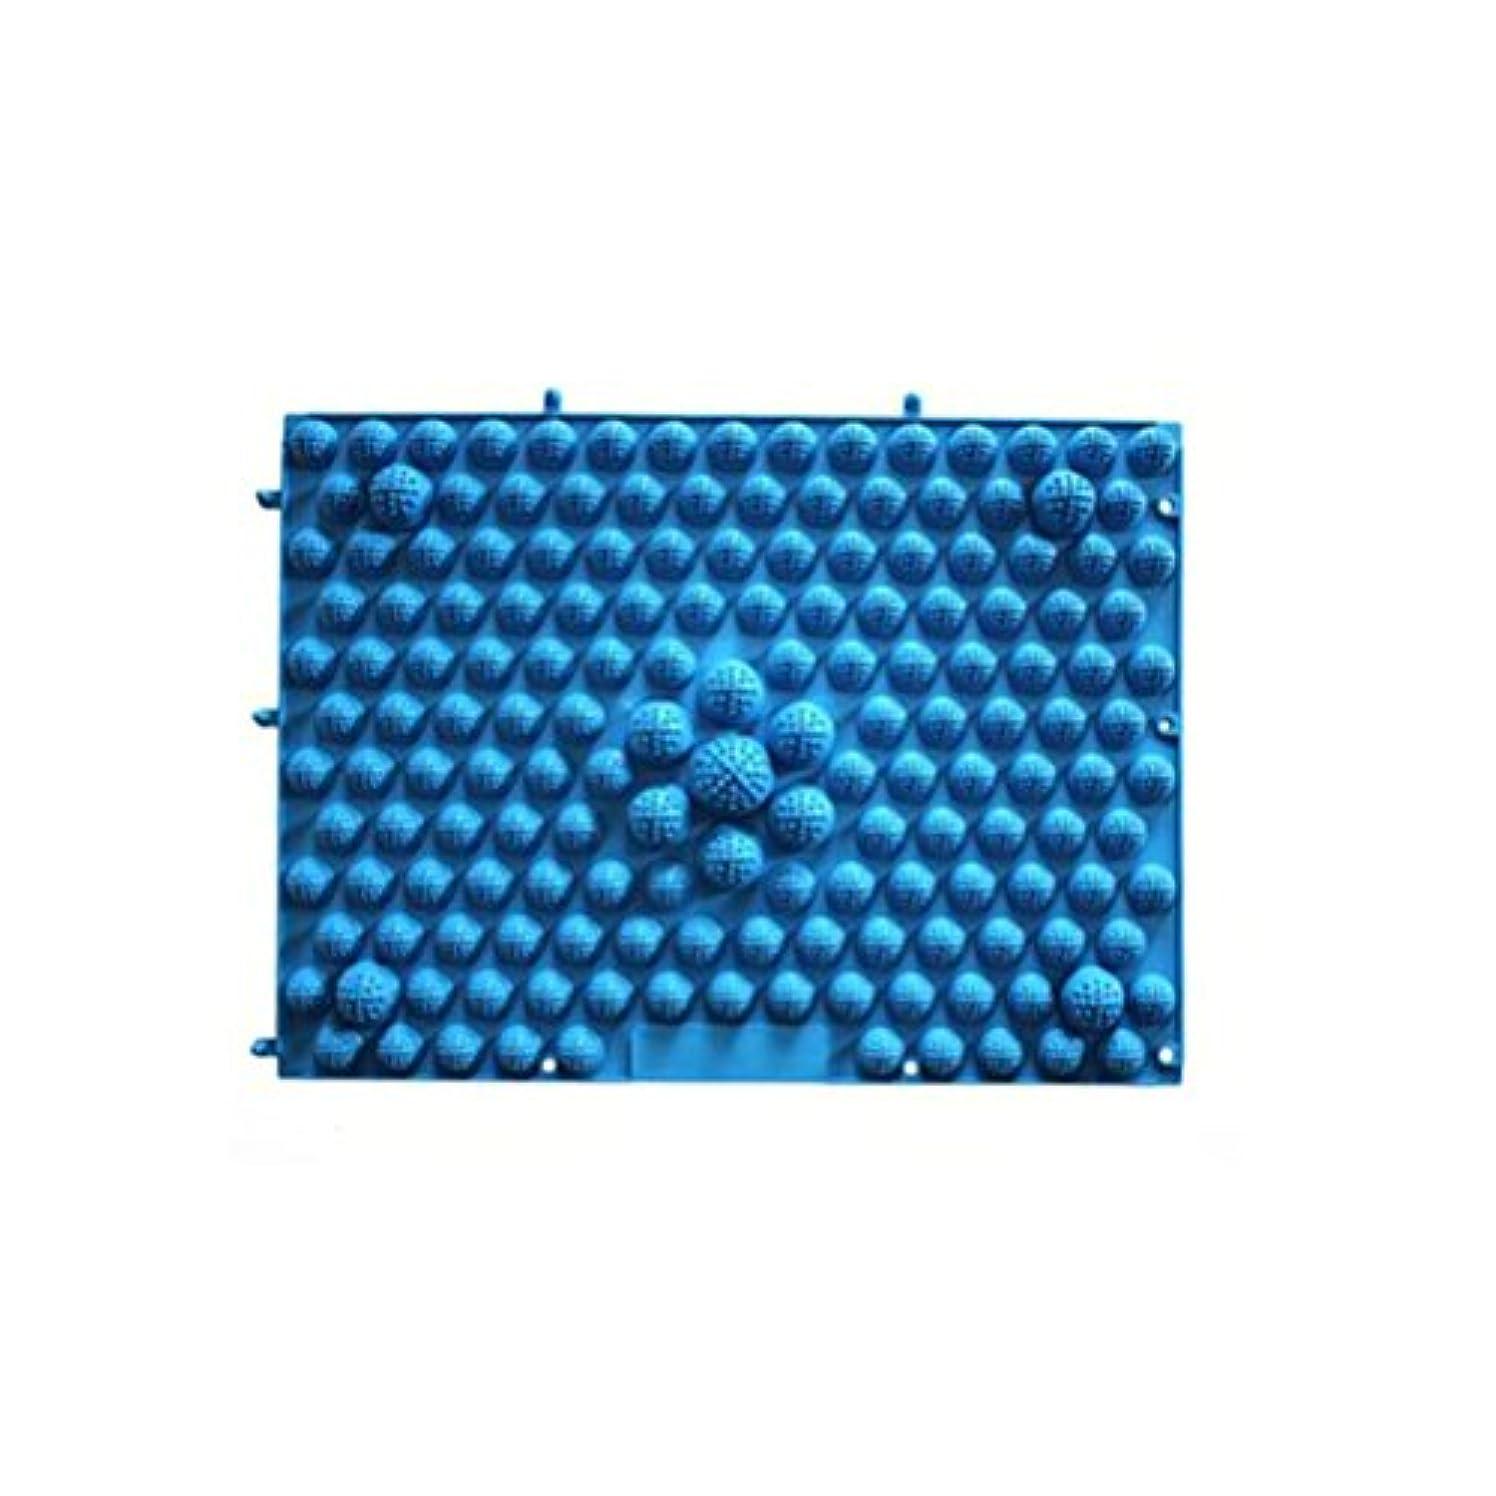 ROSENICE 足マッサージマット 血液循環指圧マットフィートヘルスケアマッサージプレート(ブルー)